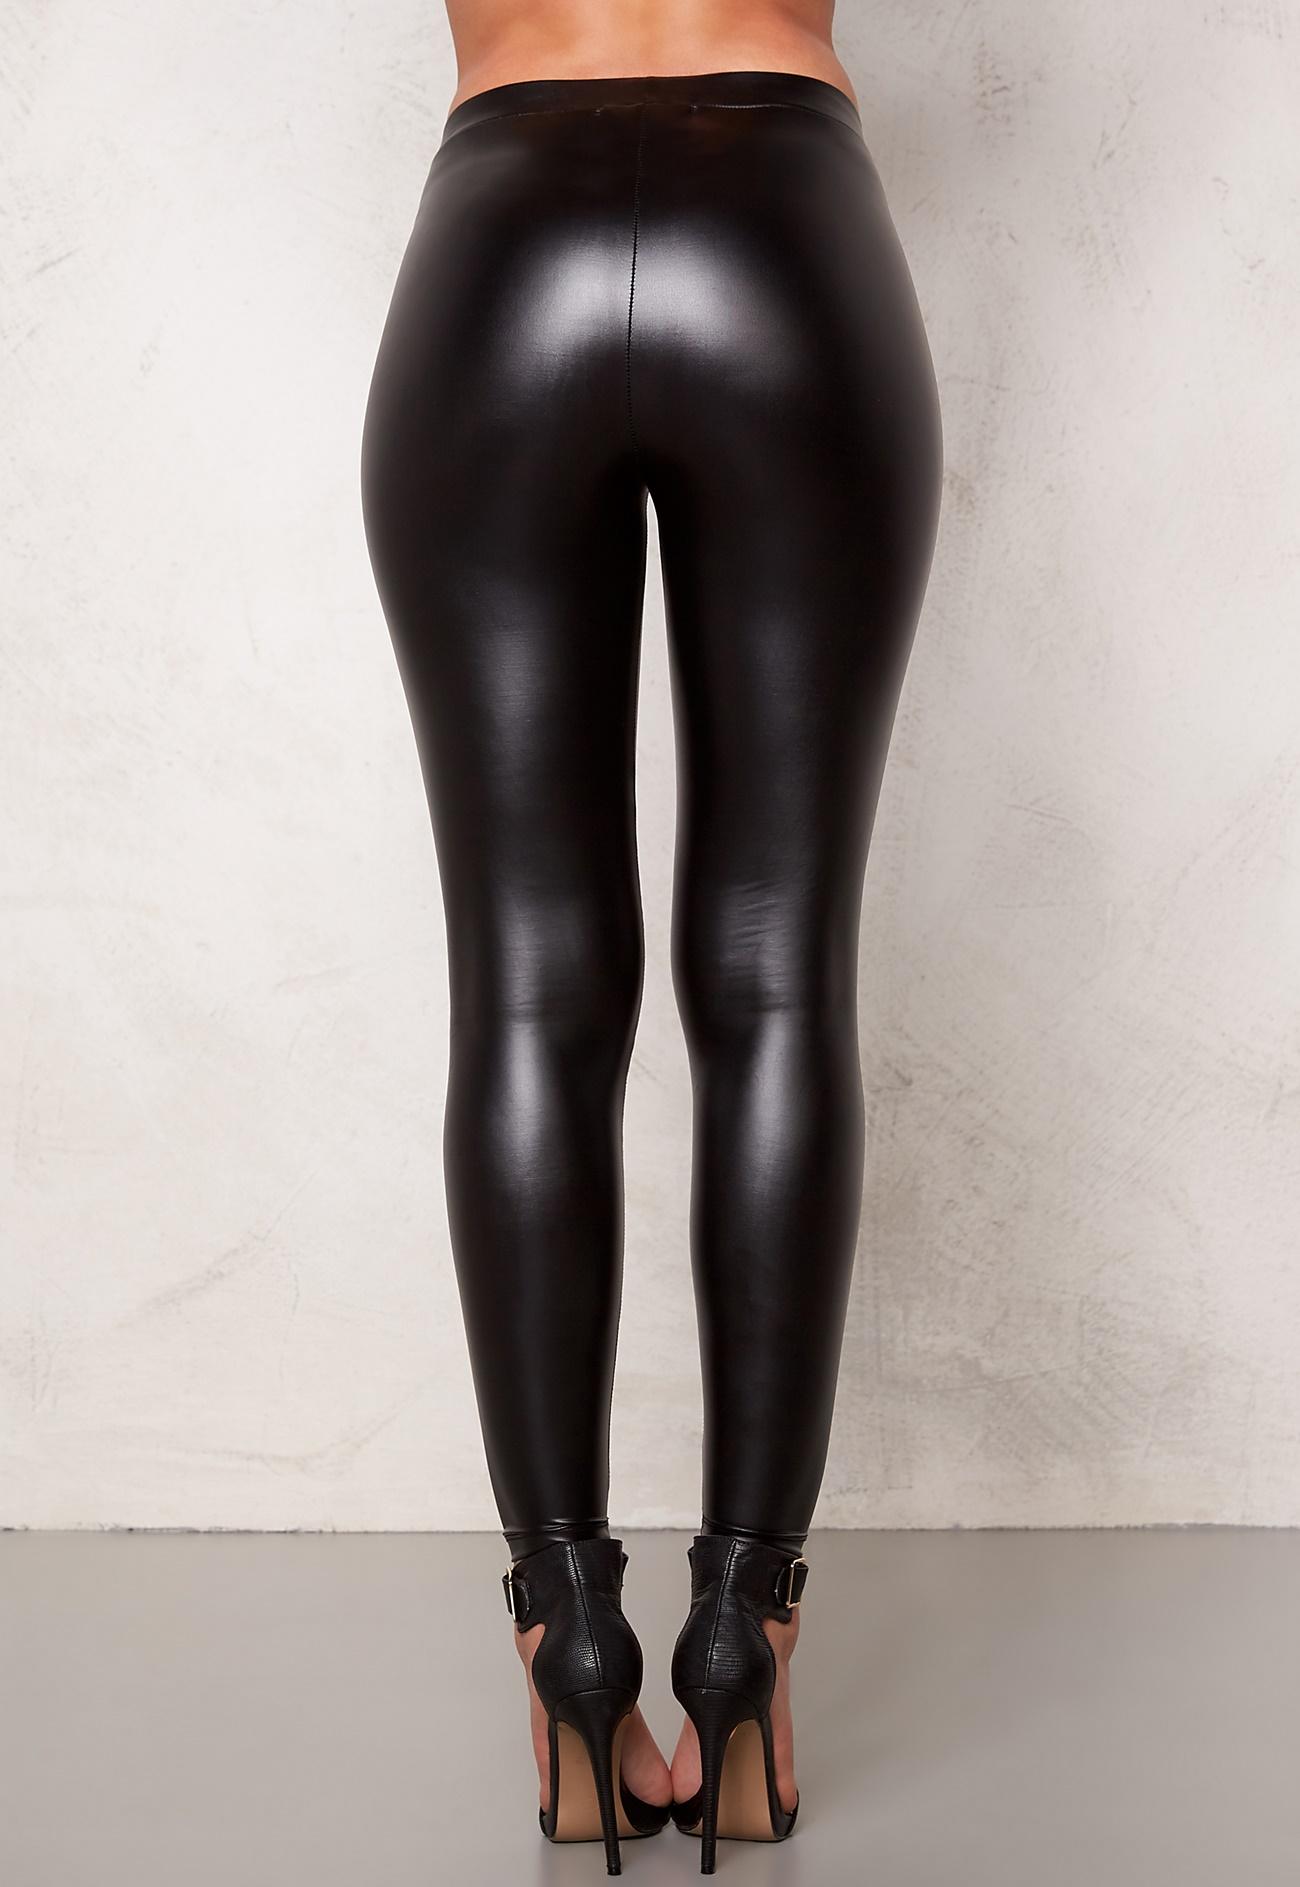 sexiga leggings iga kvinnor